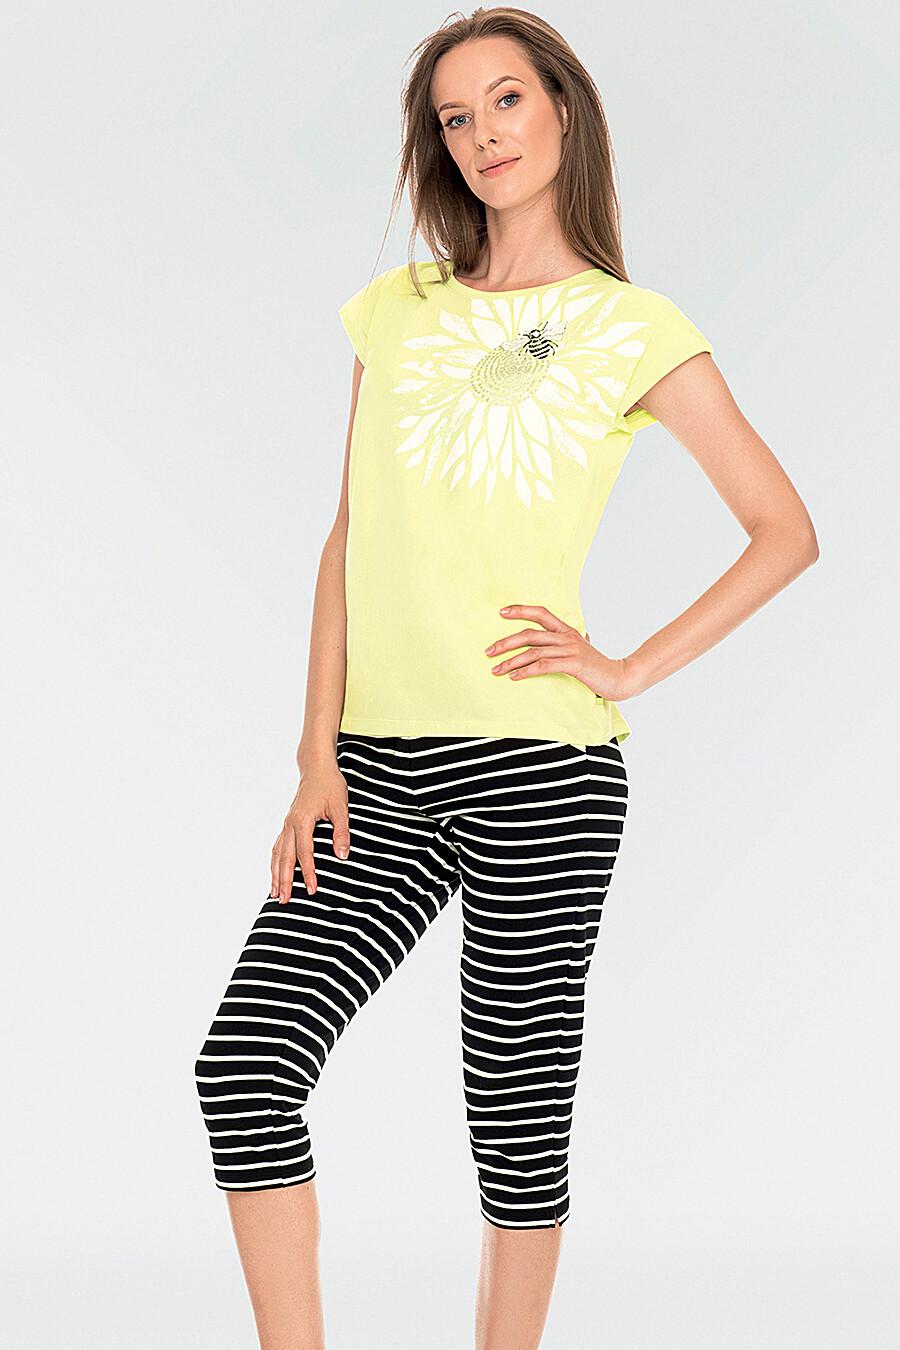 Комплект (Футболка+Бриджи) для женщин KEY 116733 купить оптом от производителя. Совместная покупка женской одежды в OptMoyo